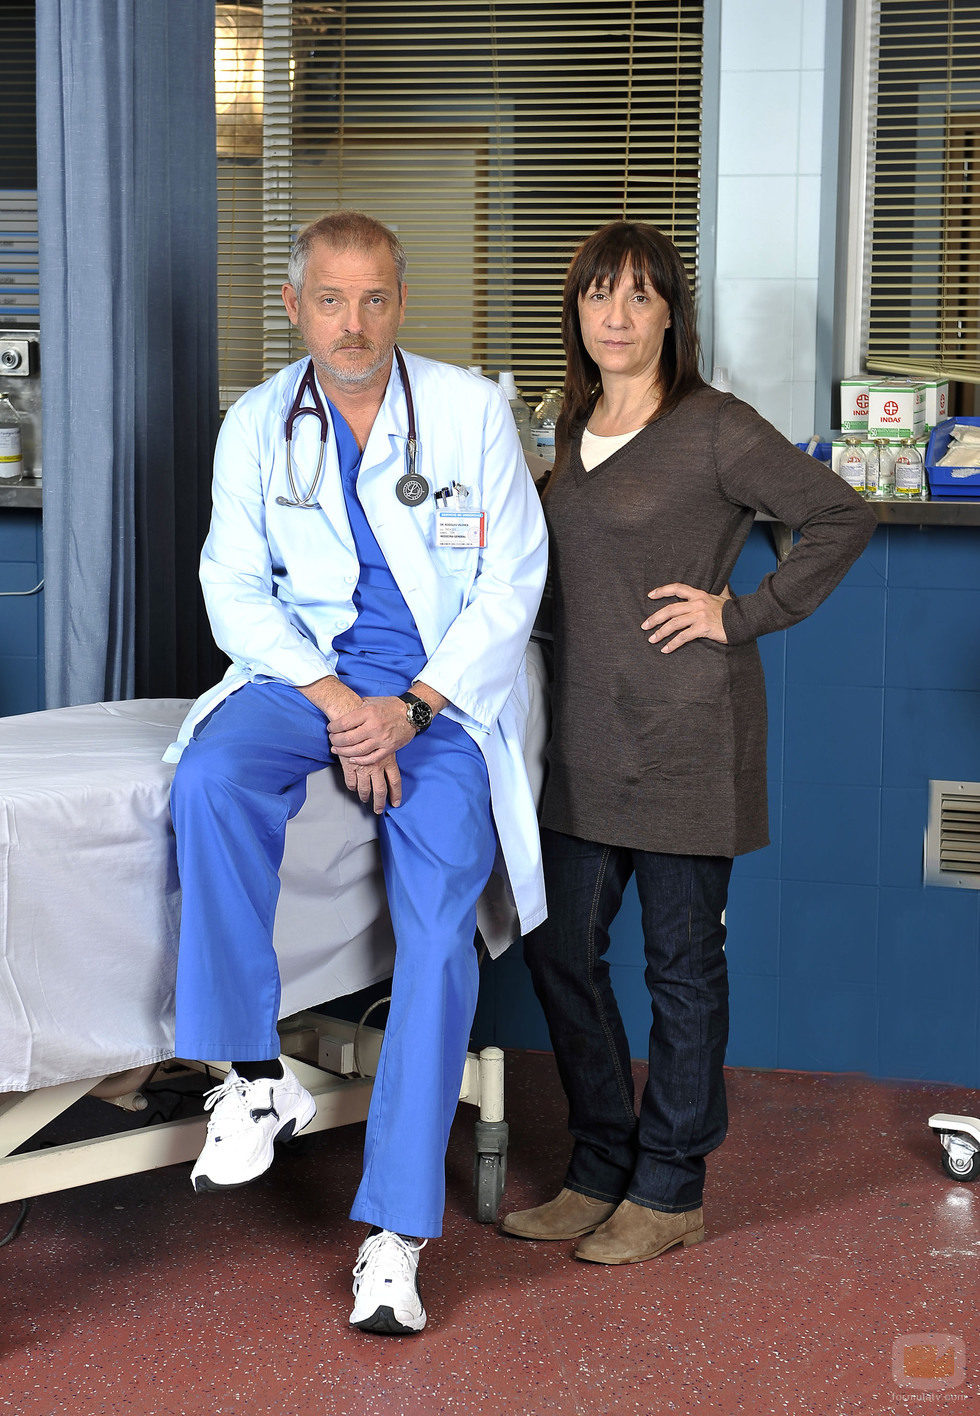 Blanca Portillo posa junto a Jordi Rebellón en un nuevo capítulo de 'Hospital Central'